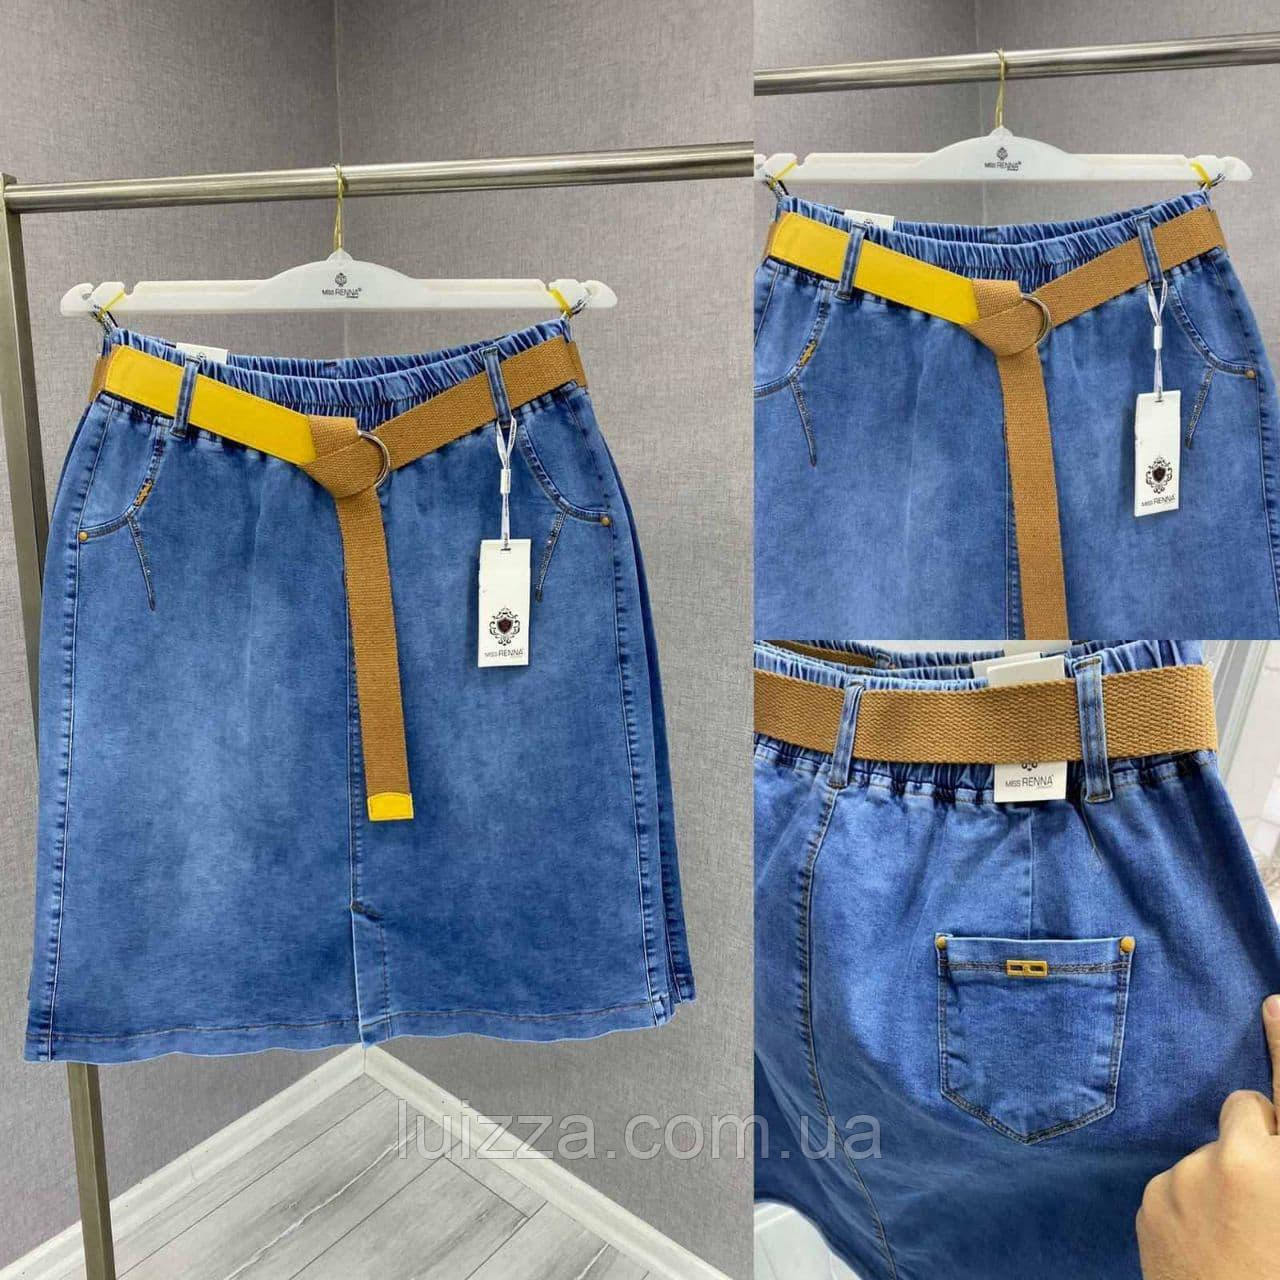 Юбка джинсовая с пояском Lady Lucky турецкие  48-64 р, синий